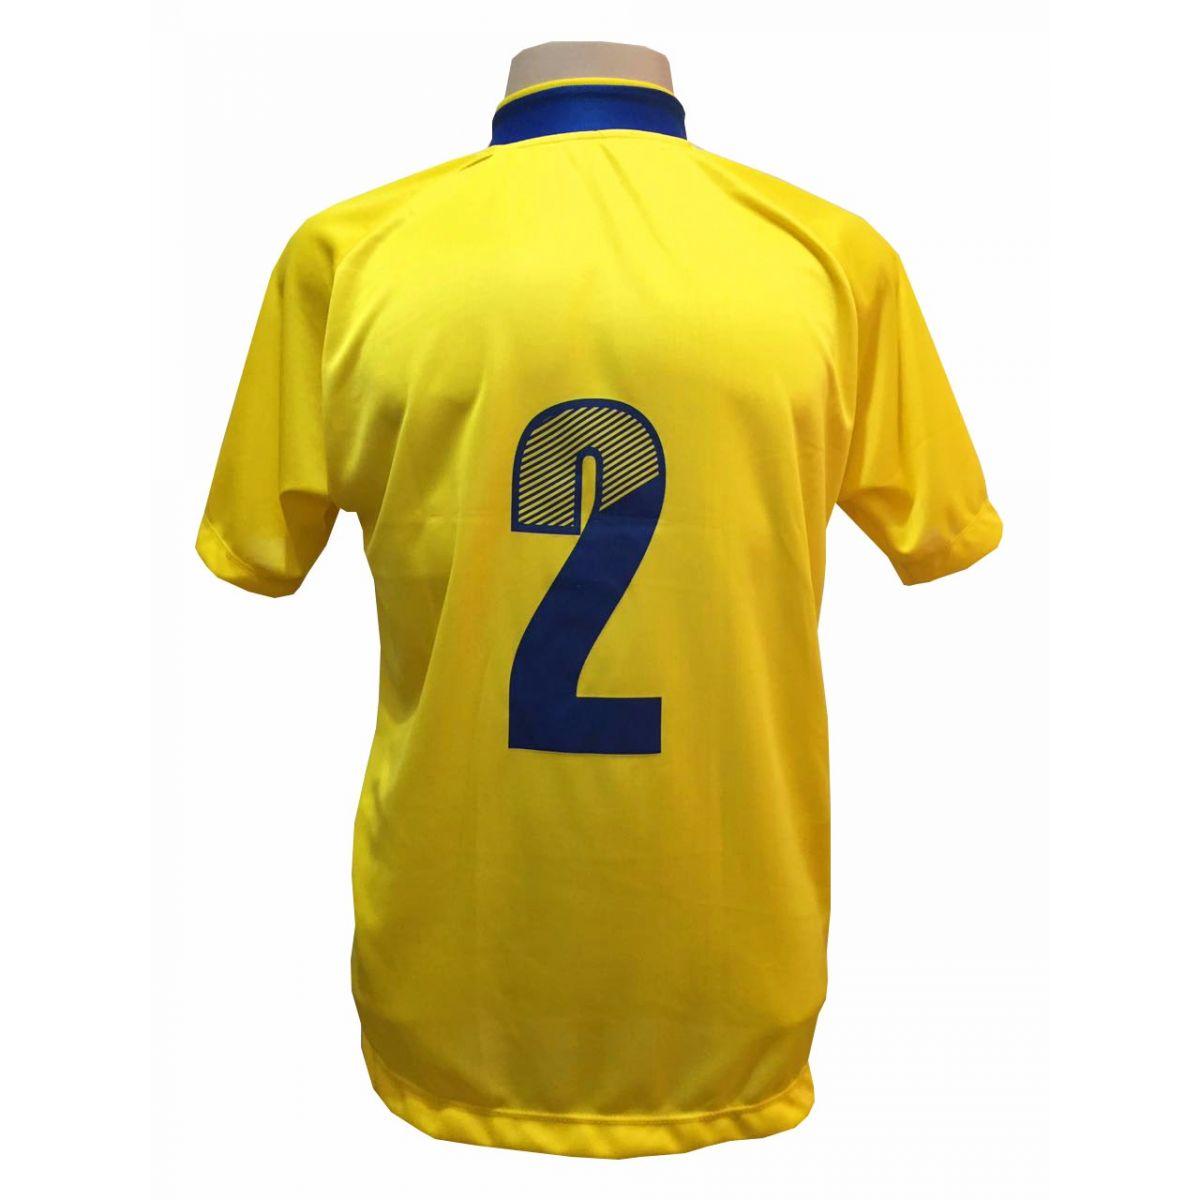 Uniforme Esportivo com 20 camisas modelo Bélgica Amarelo/Royal + 20 calções modelo Madrid Royal + Brindes